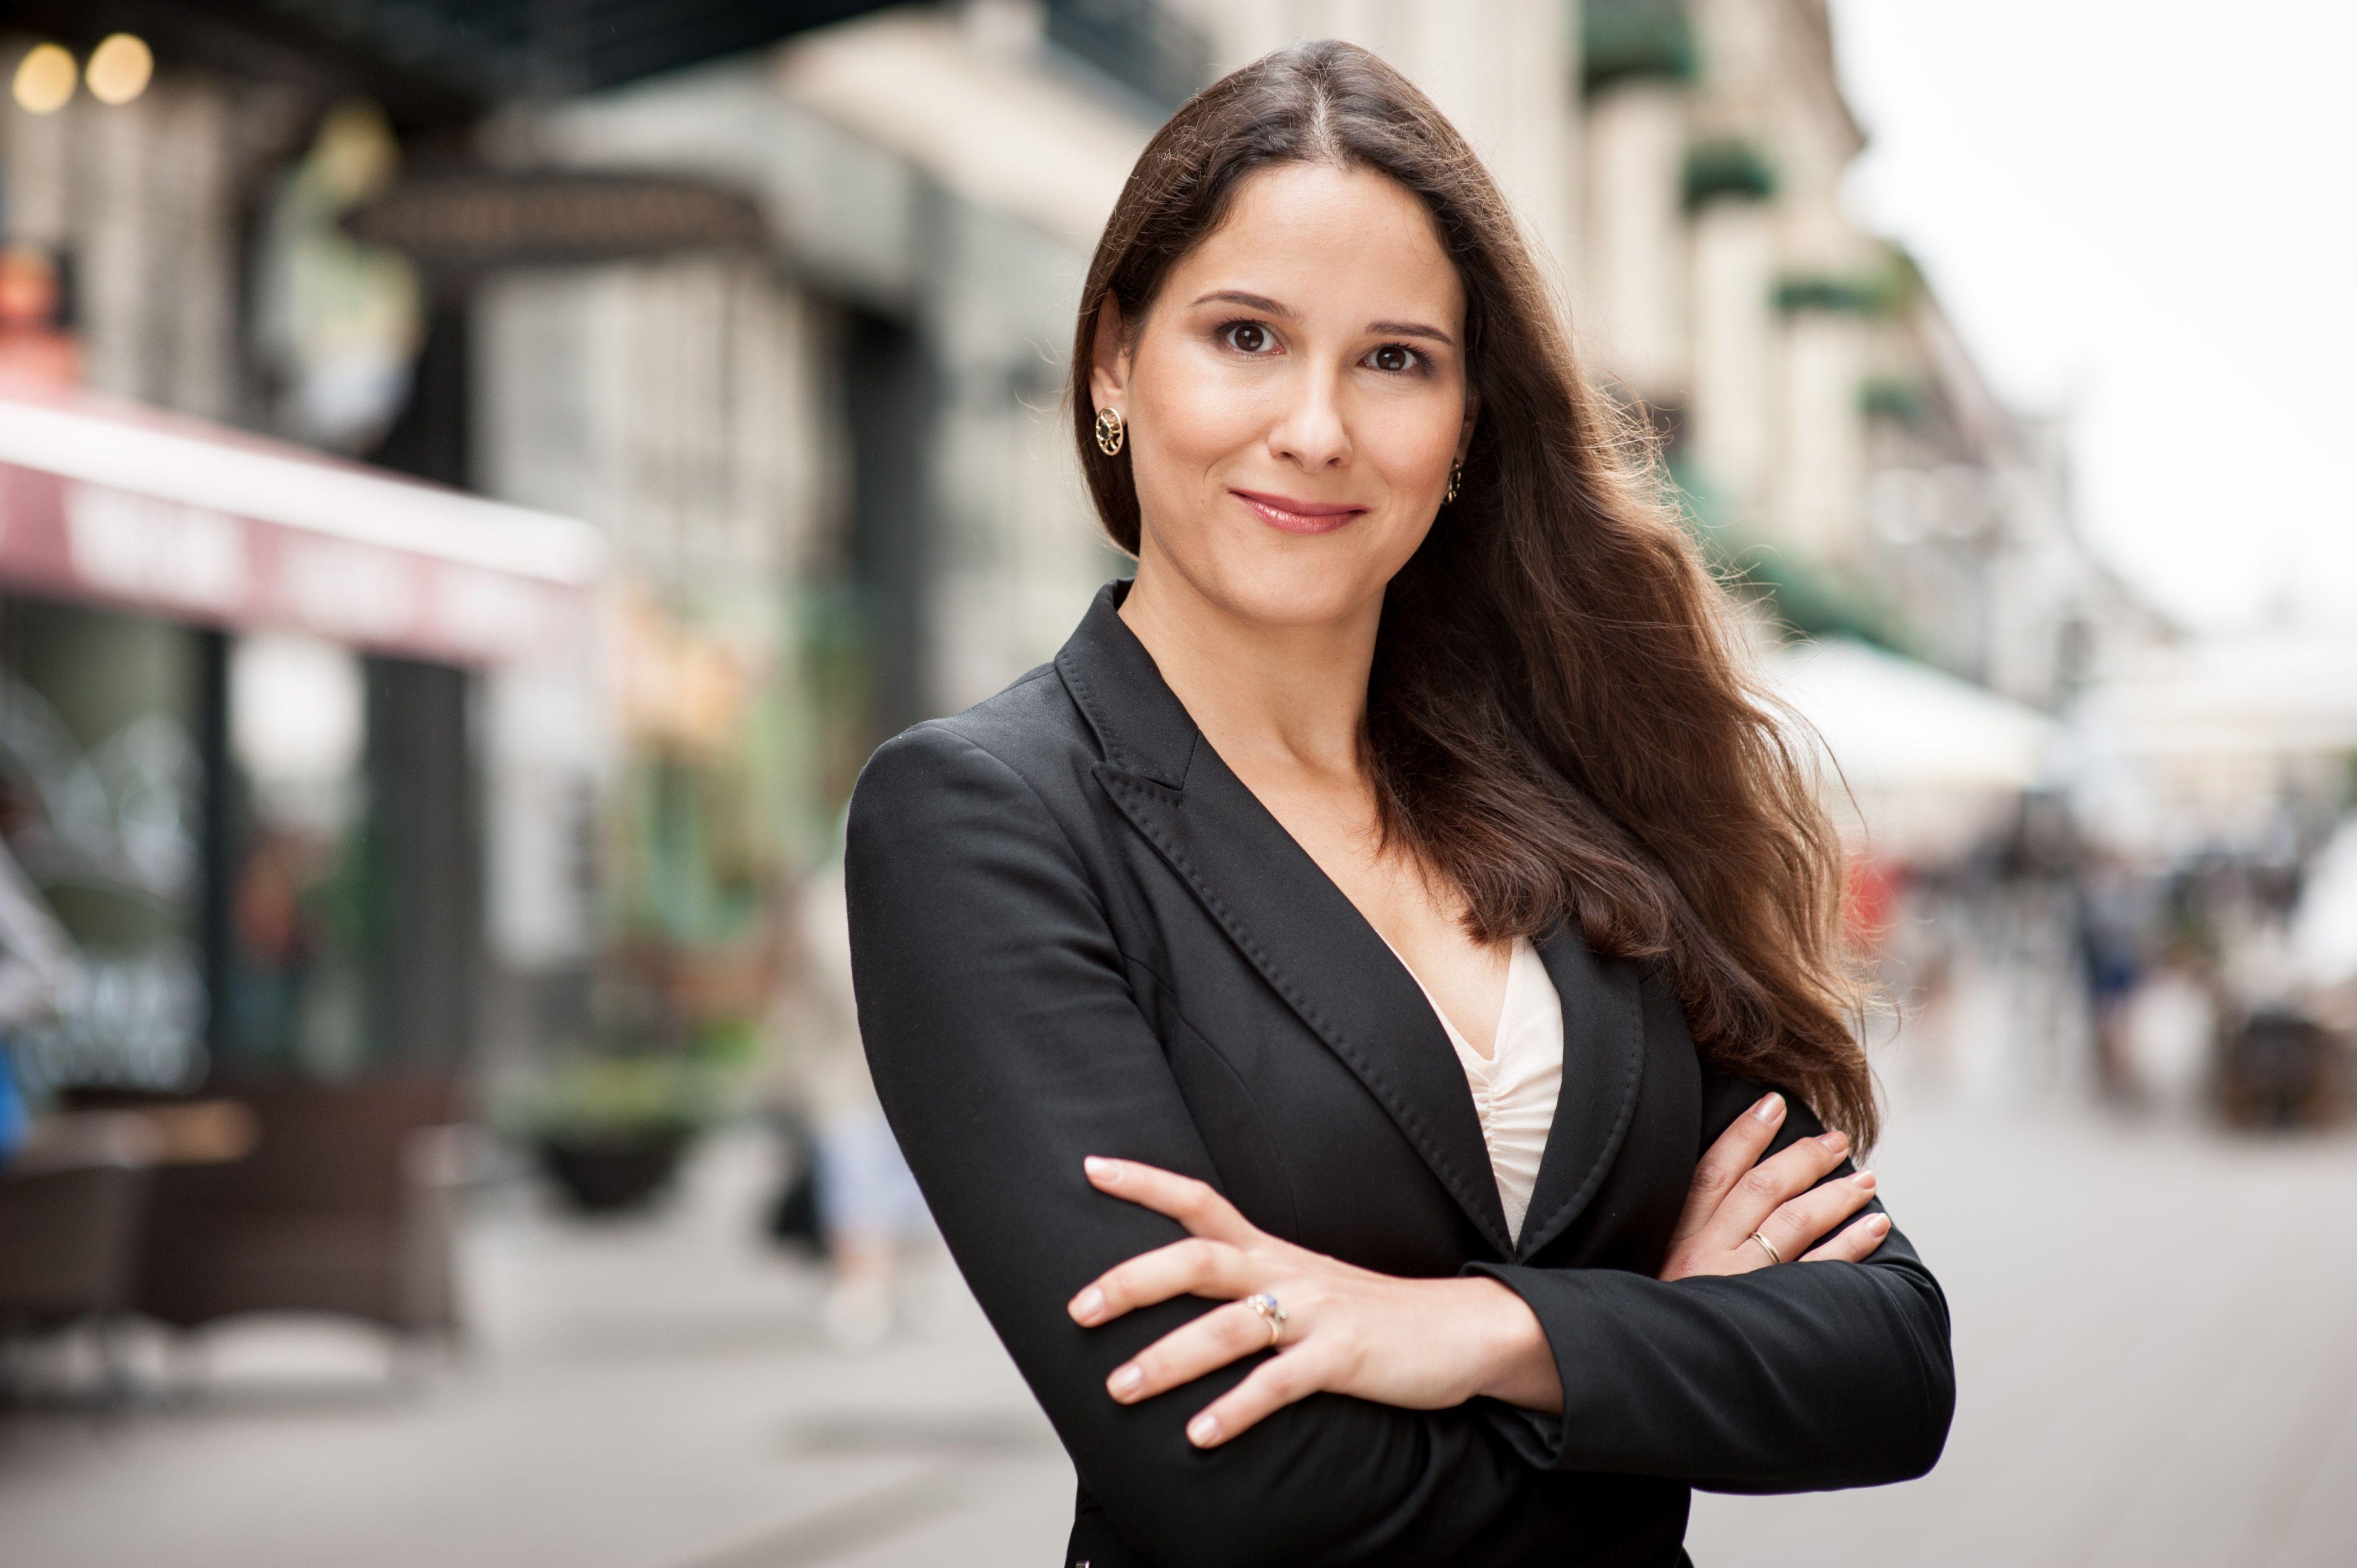 Dėl vadovo pavadavimo rekomenduojama koreguoti bendrovės įstatus